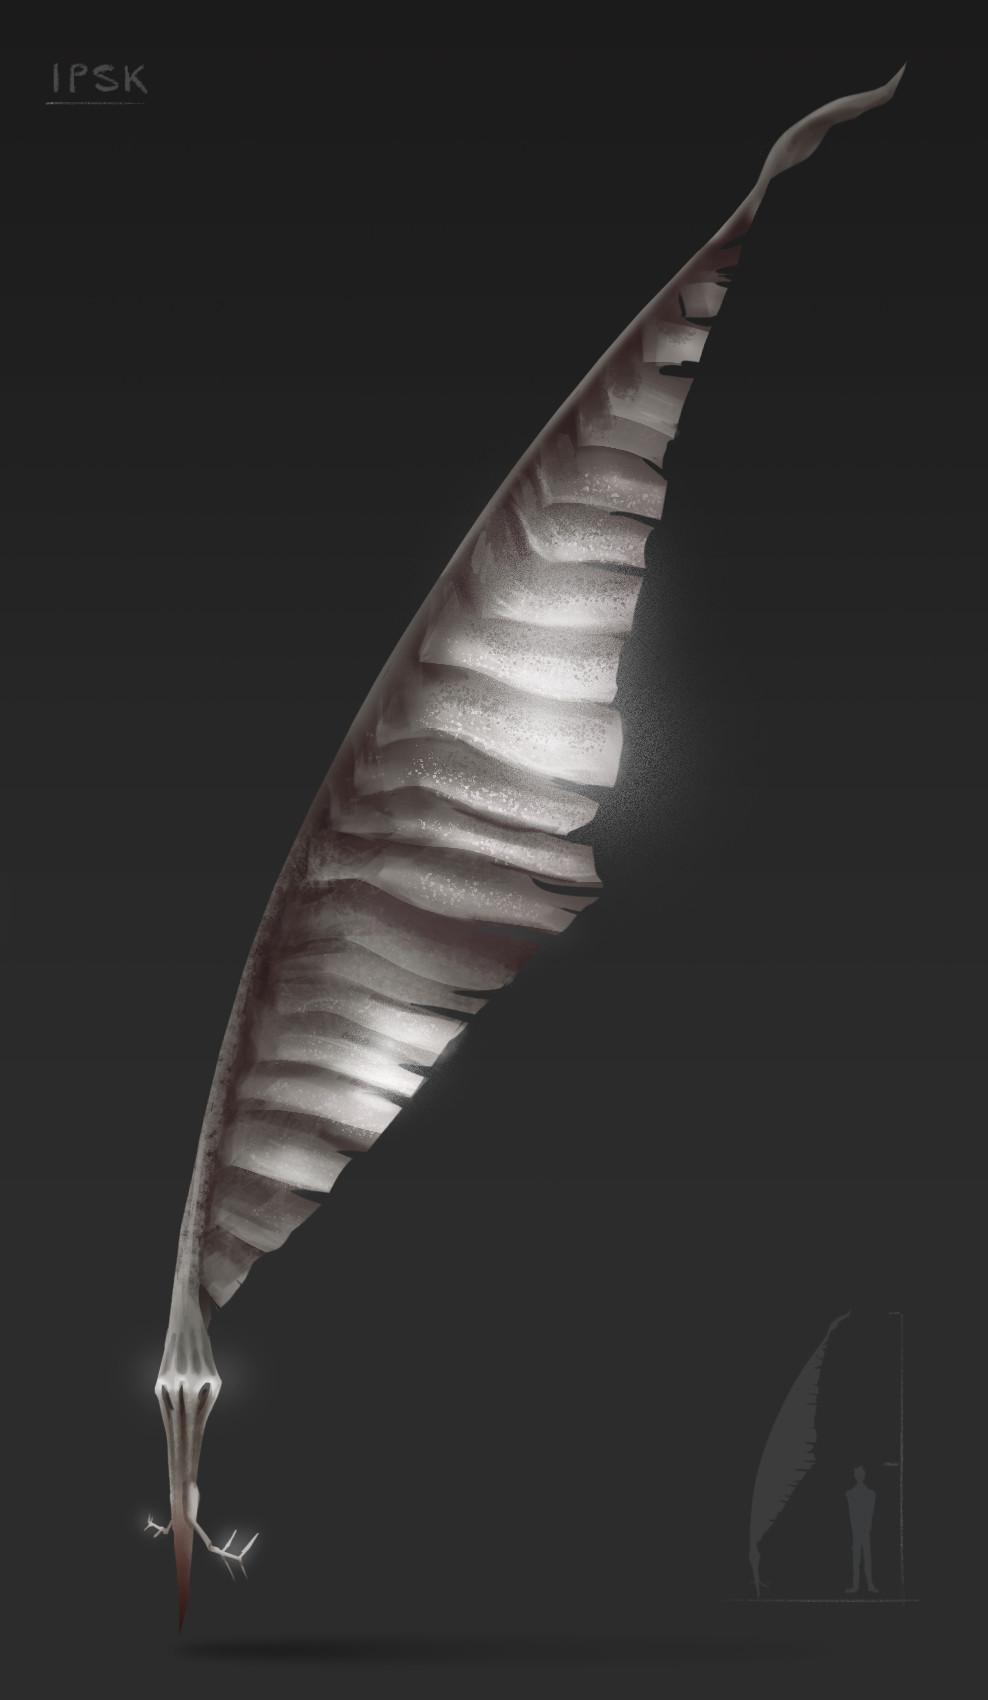 Cze peku silver scavenger by czepeku dcd1okz